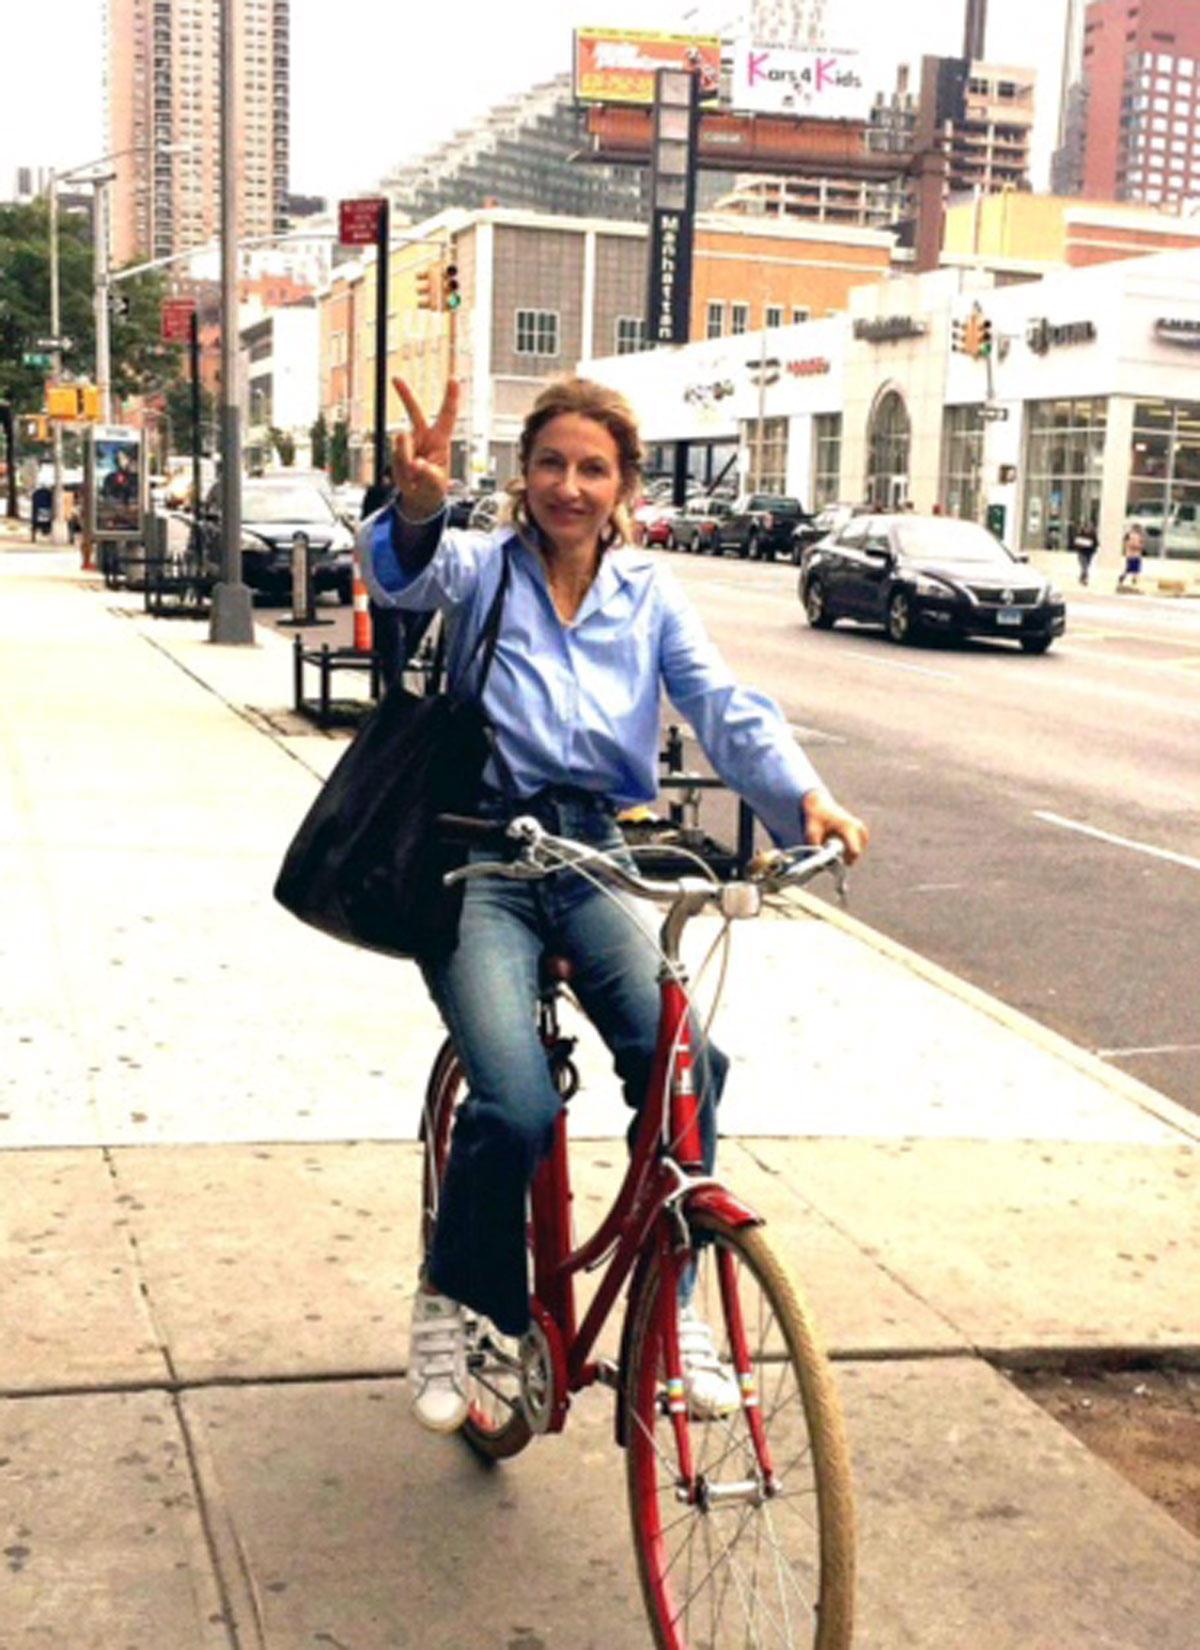 Für die Fashion-Messe in New York auf dem Bike unterwegs: GALA-Kolumnistin So Sue.